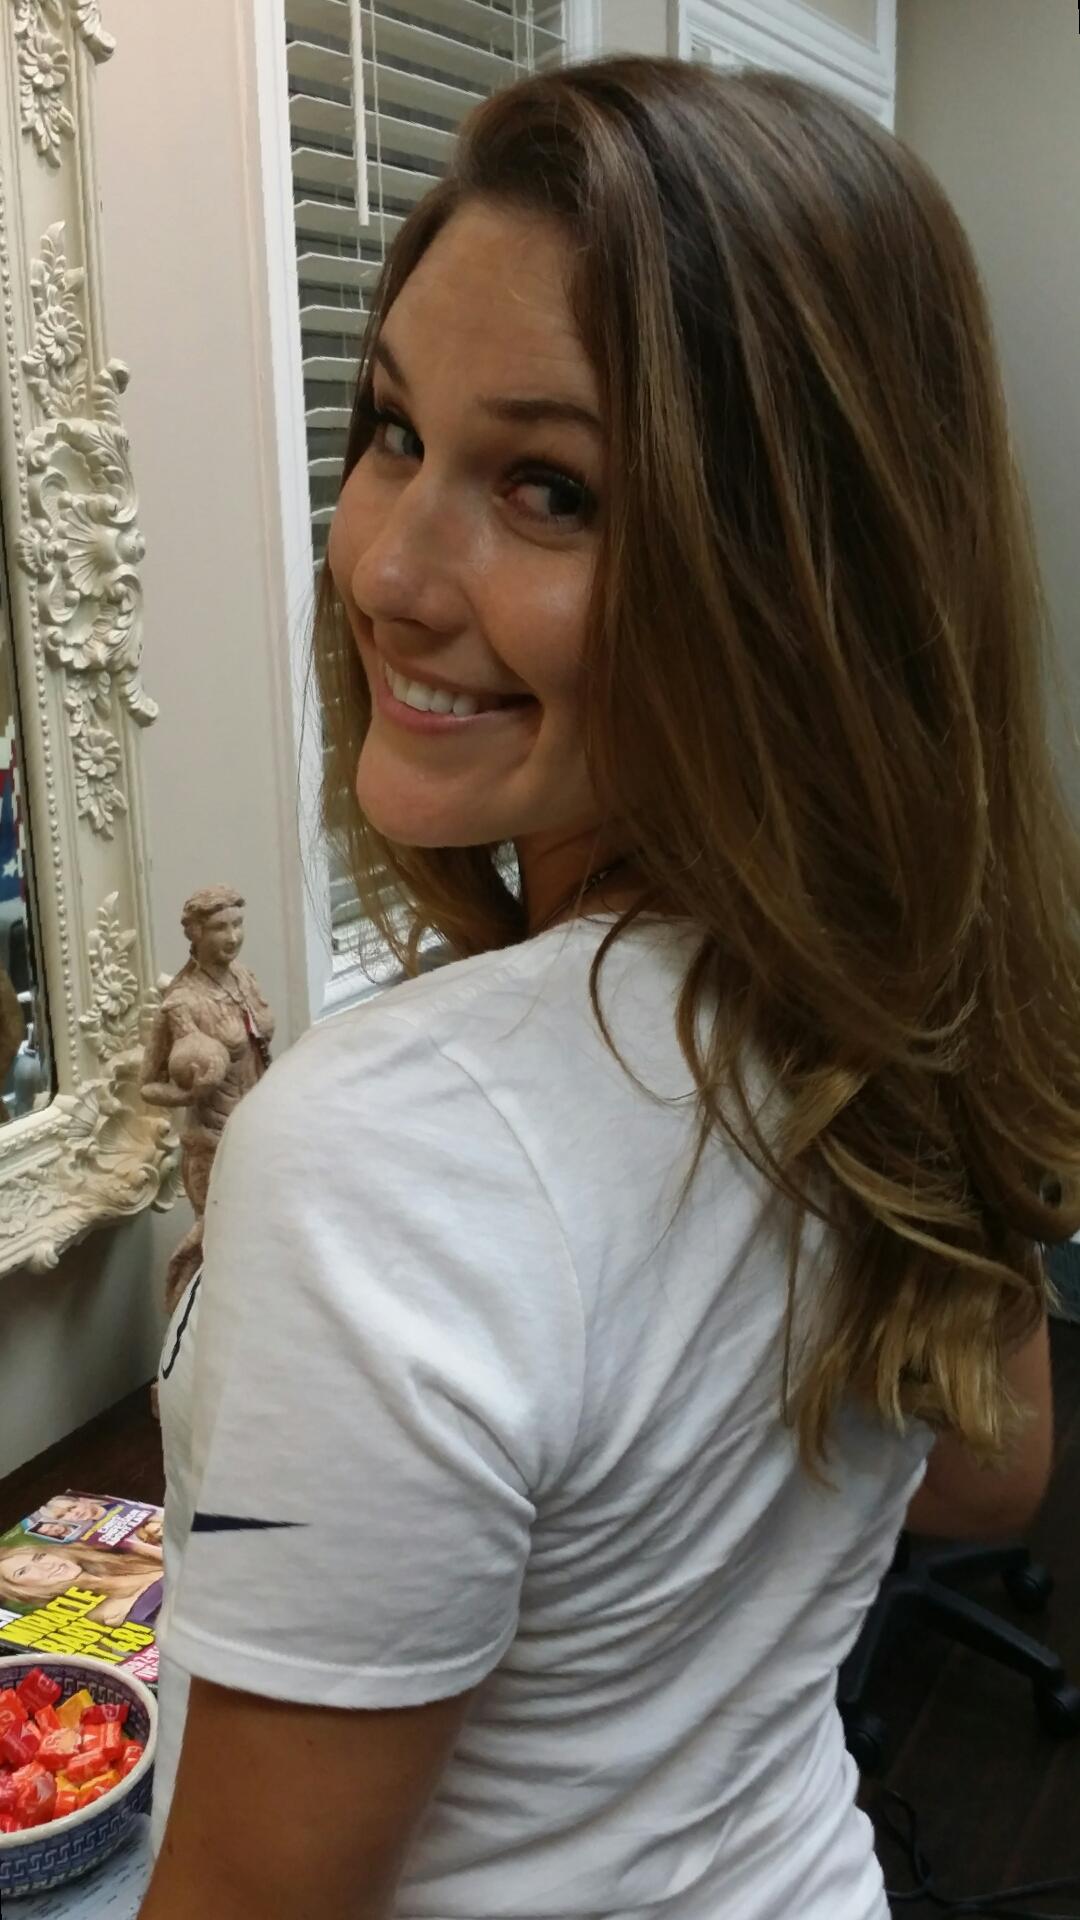 Dallas Beauty Salon